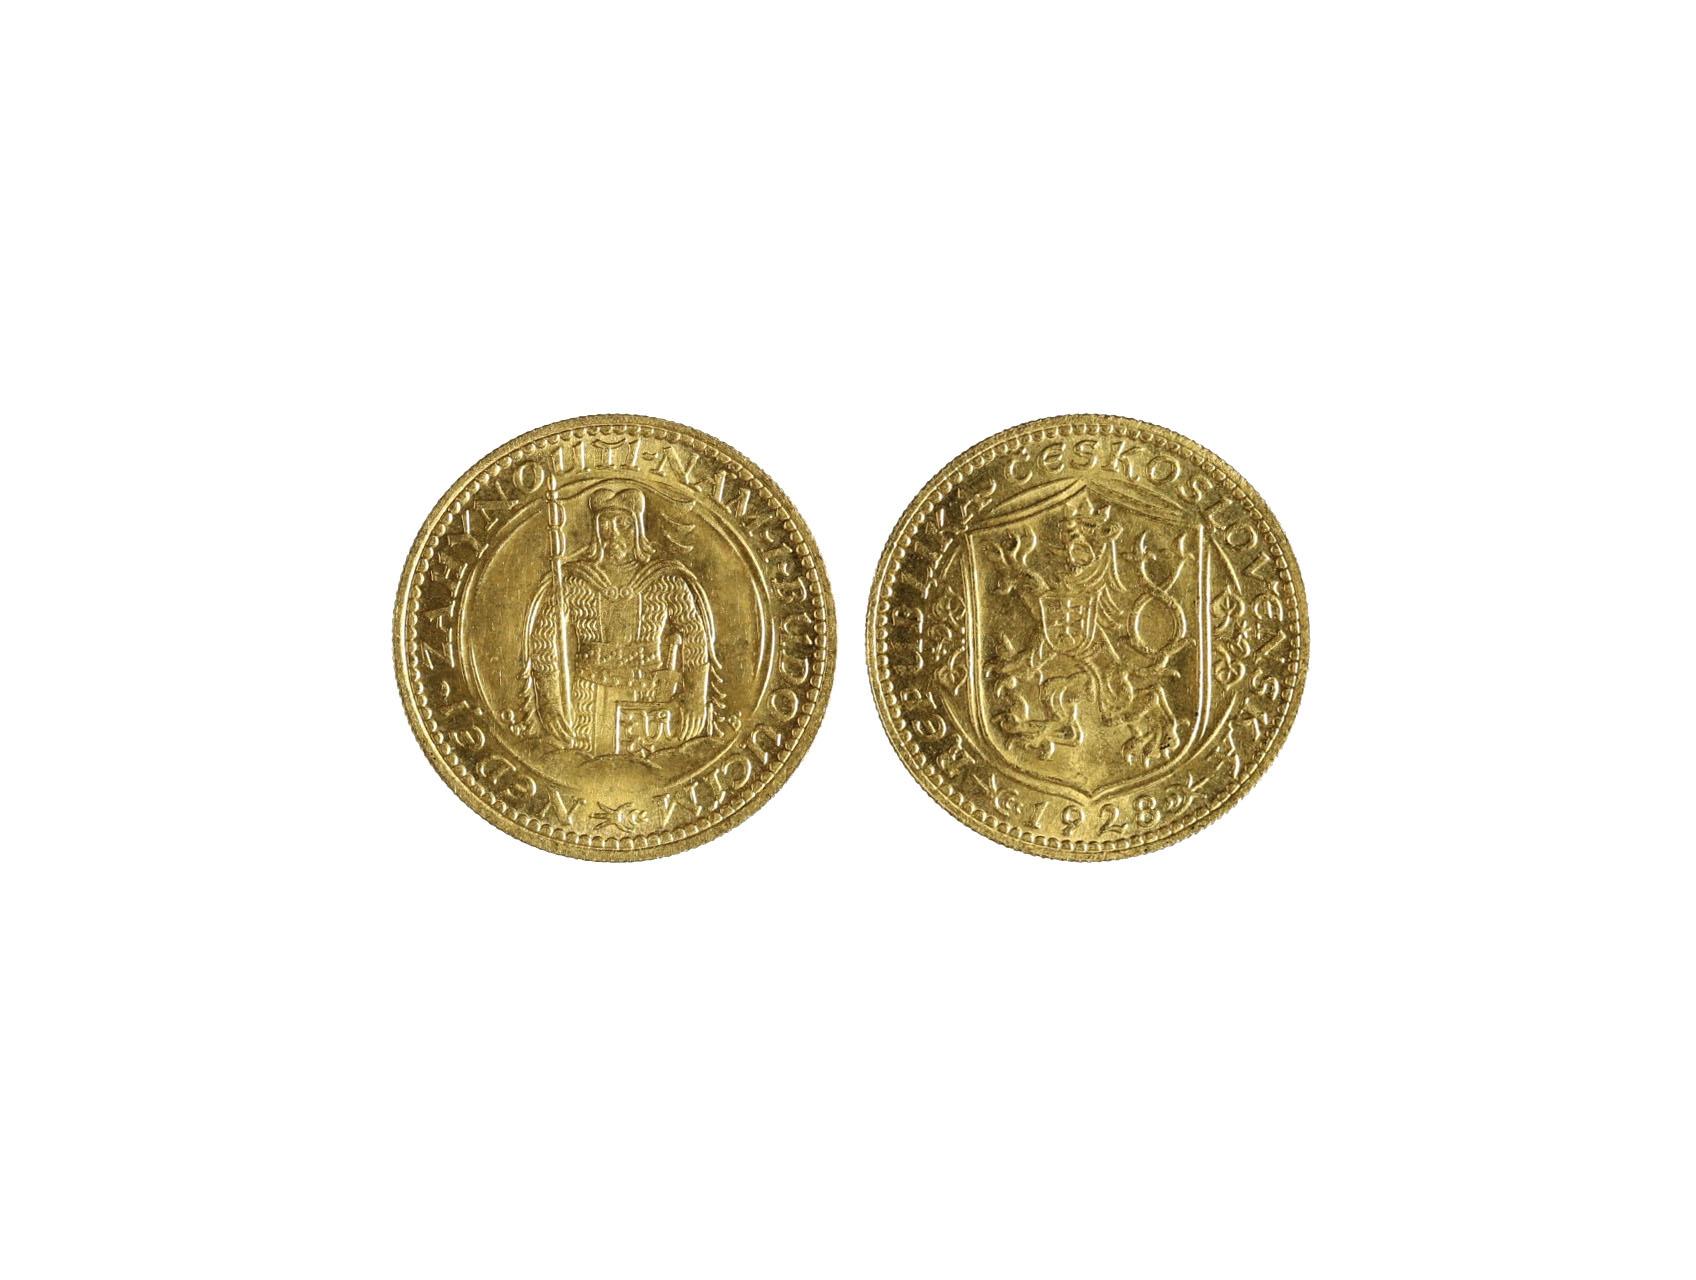 Československo 1918-1939 - Dukát 1928, 3.491 g, 986/1000, raženo 18983 ks, N16